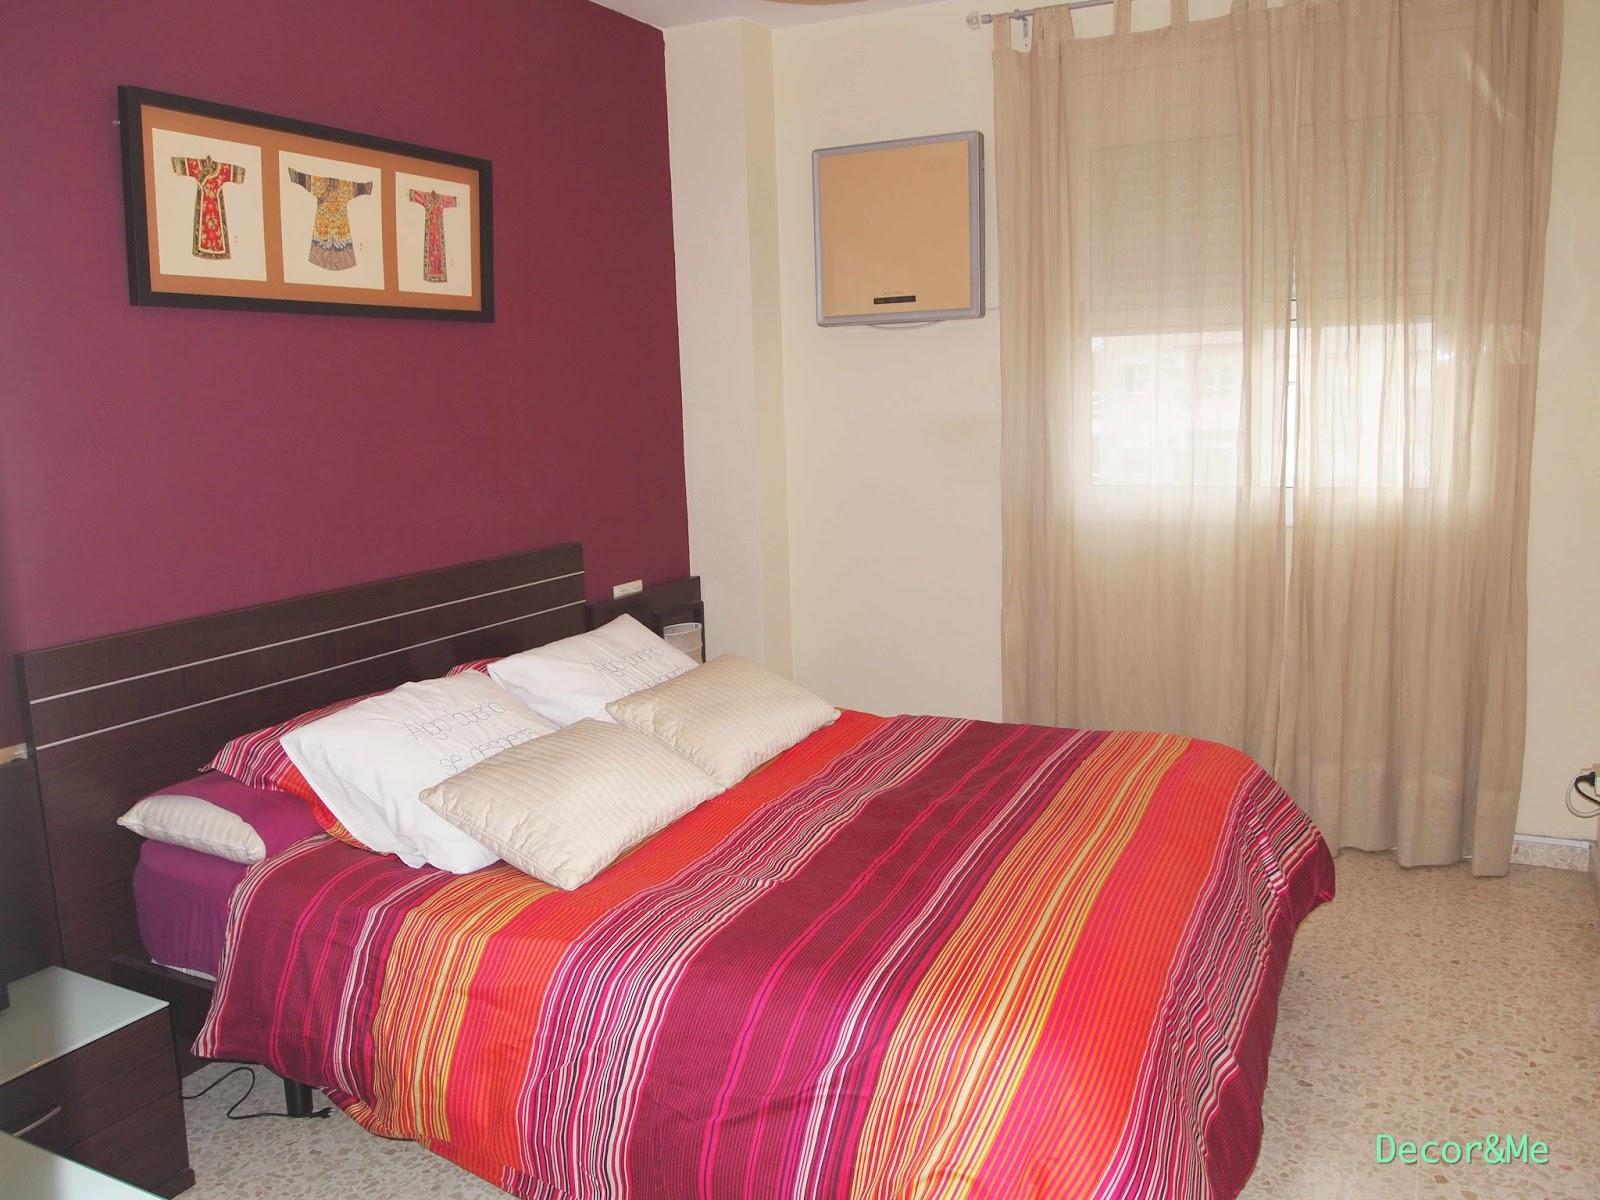 Decor me antes despu s mi dormitorio - Pintura para madera leroy merlin ...